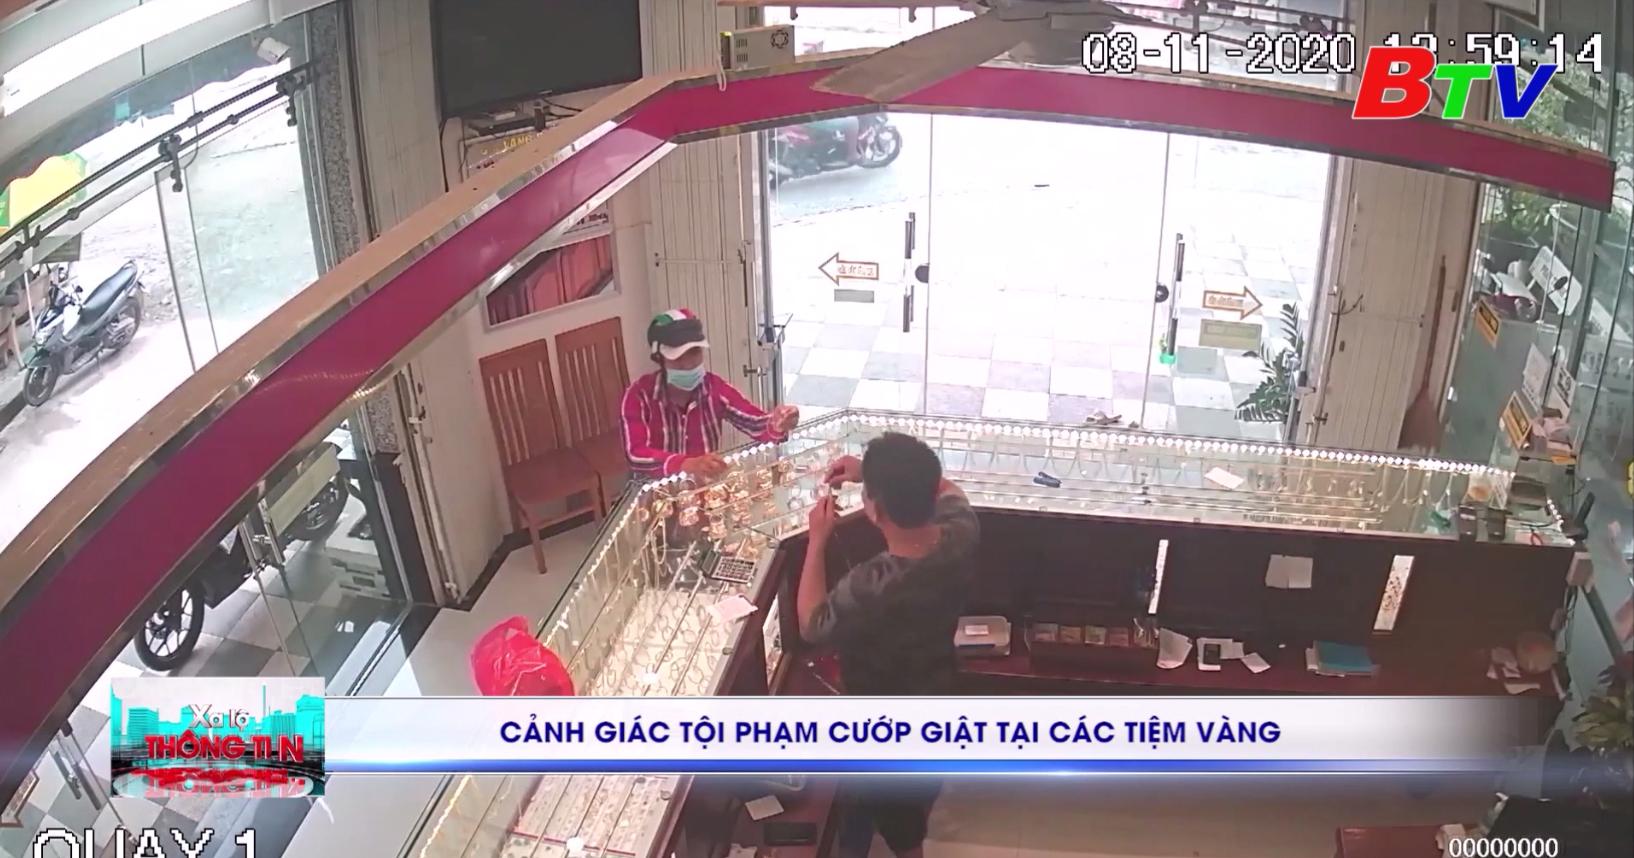 Cảnh giác tội phạm cướp giật tại các tiệm vàng